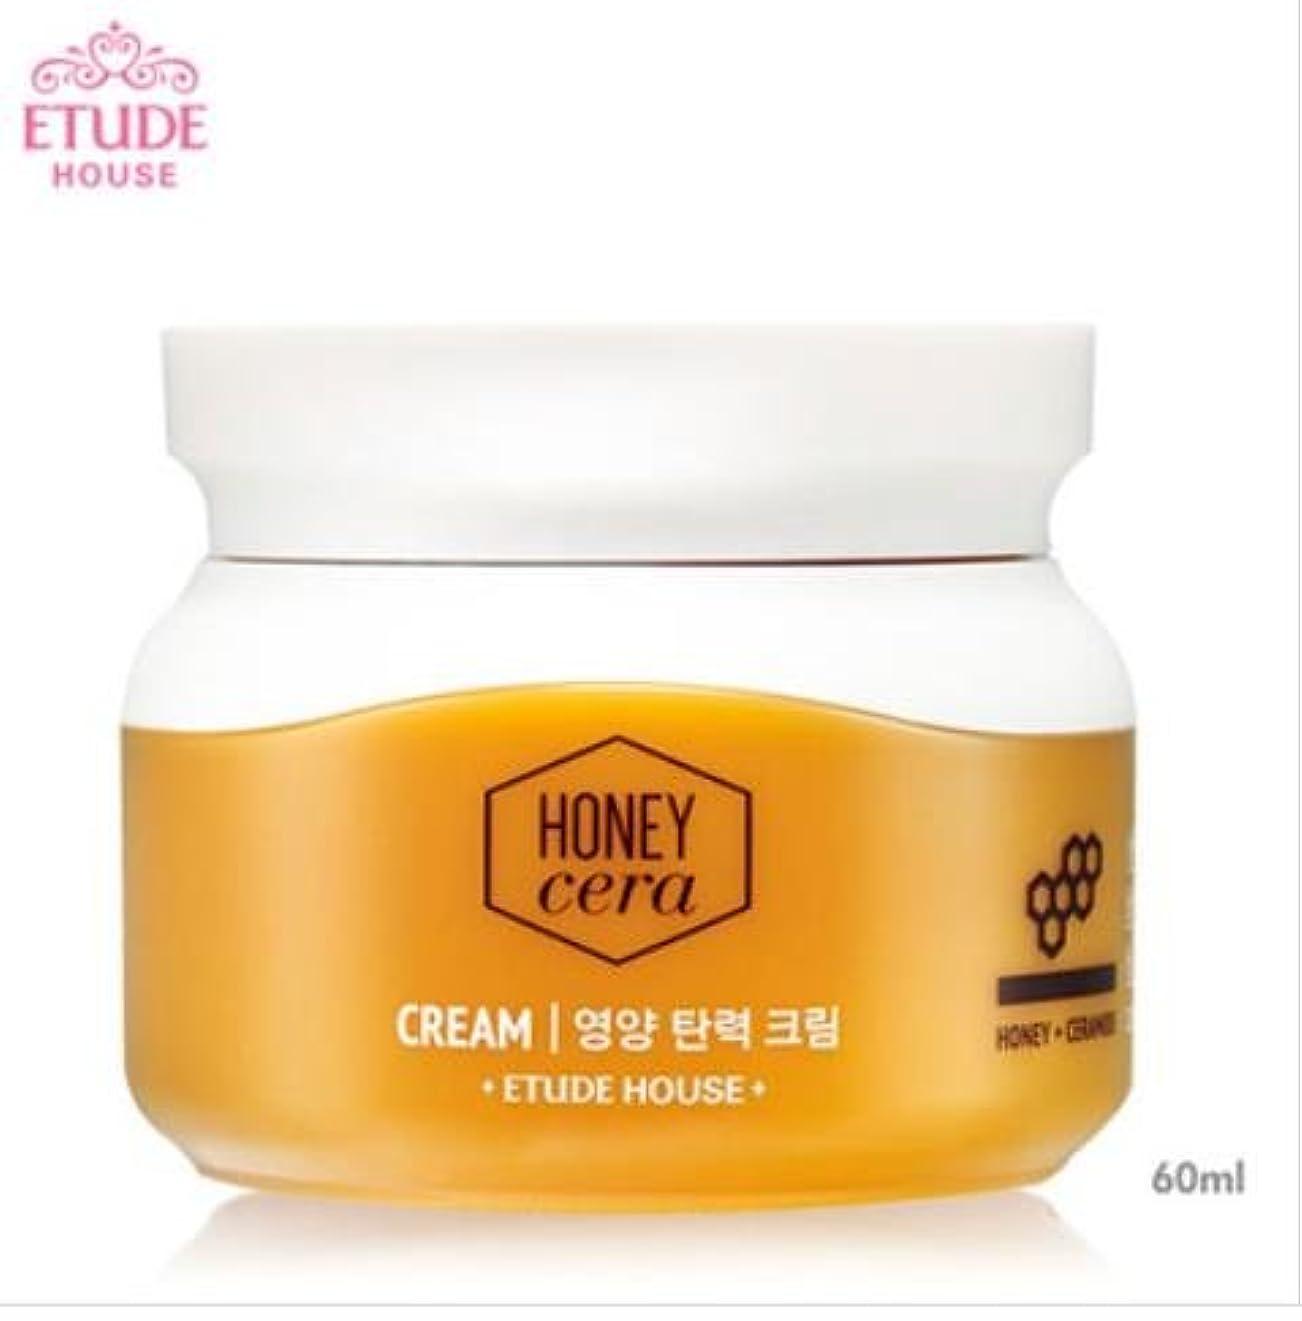 わずらわしい結婚歴史[エチュードハウス] ETUDE HOUSE [ハニーセラ 栄養弾力 クリーム 60ml](Honey Sarah nutrition elastic Cream 60ml) [並行輸入品]